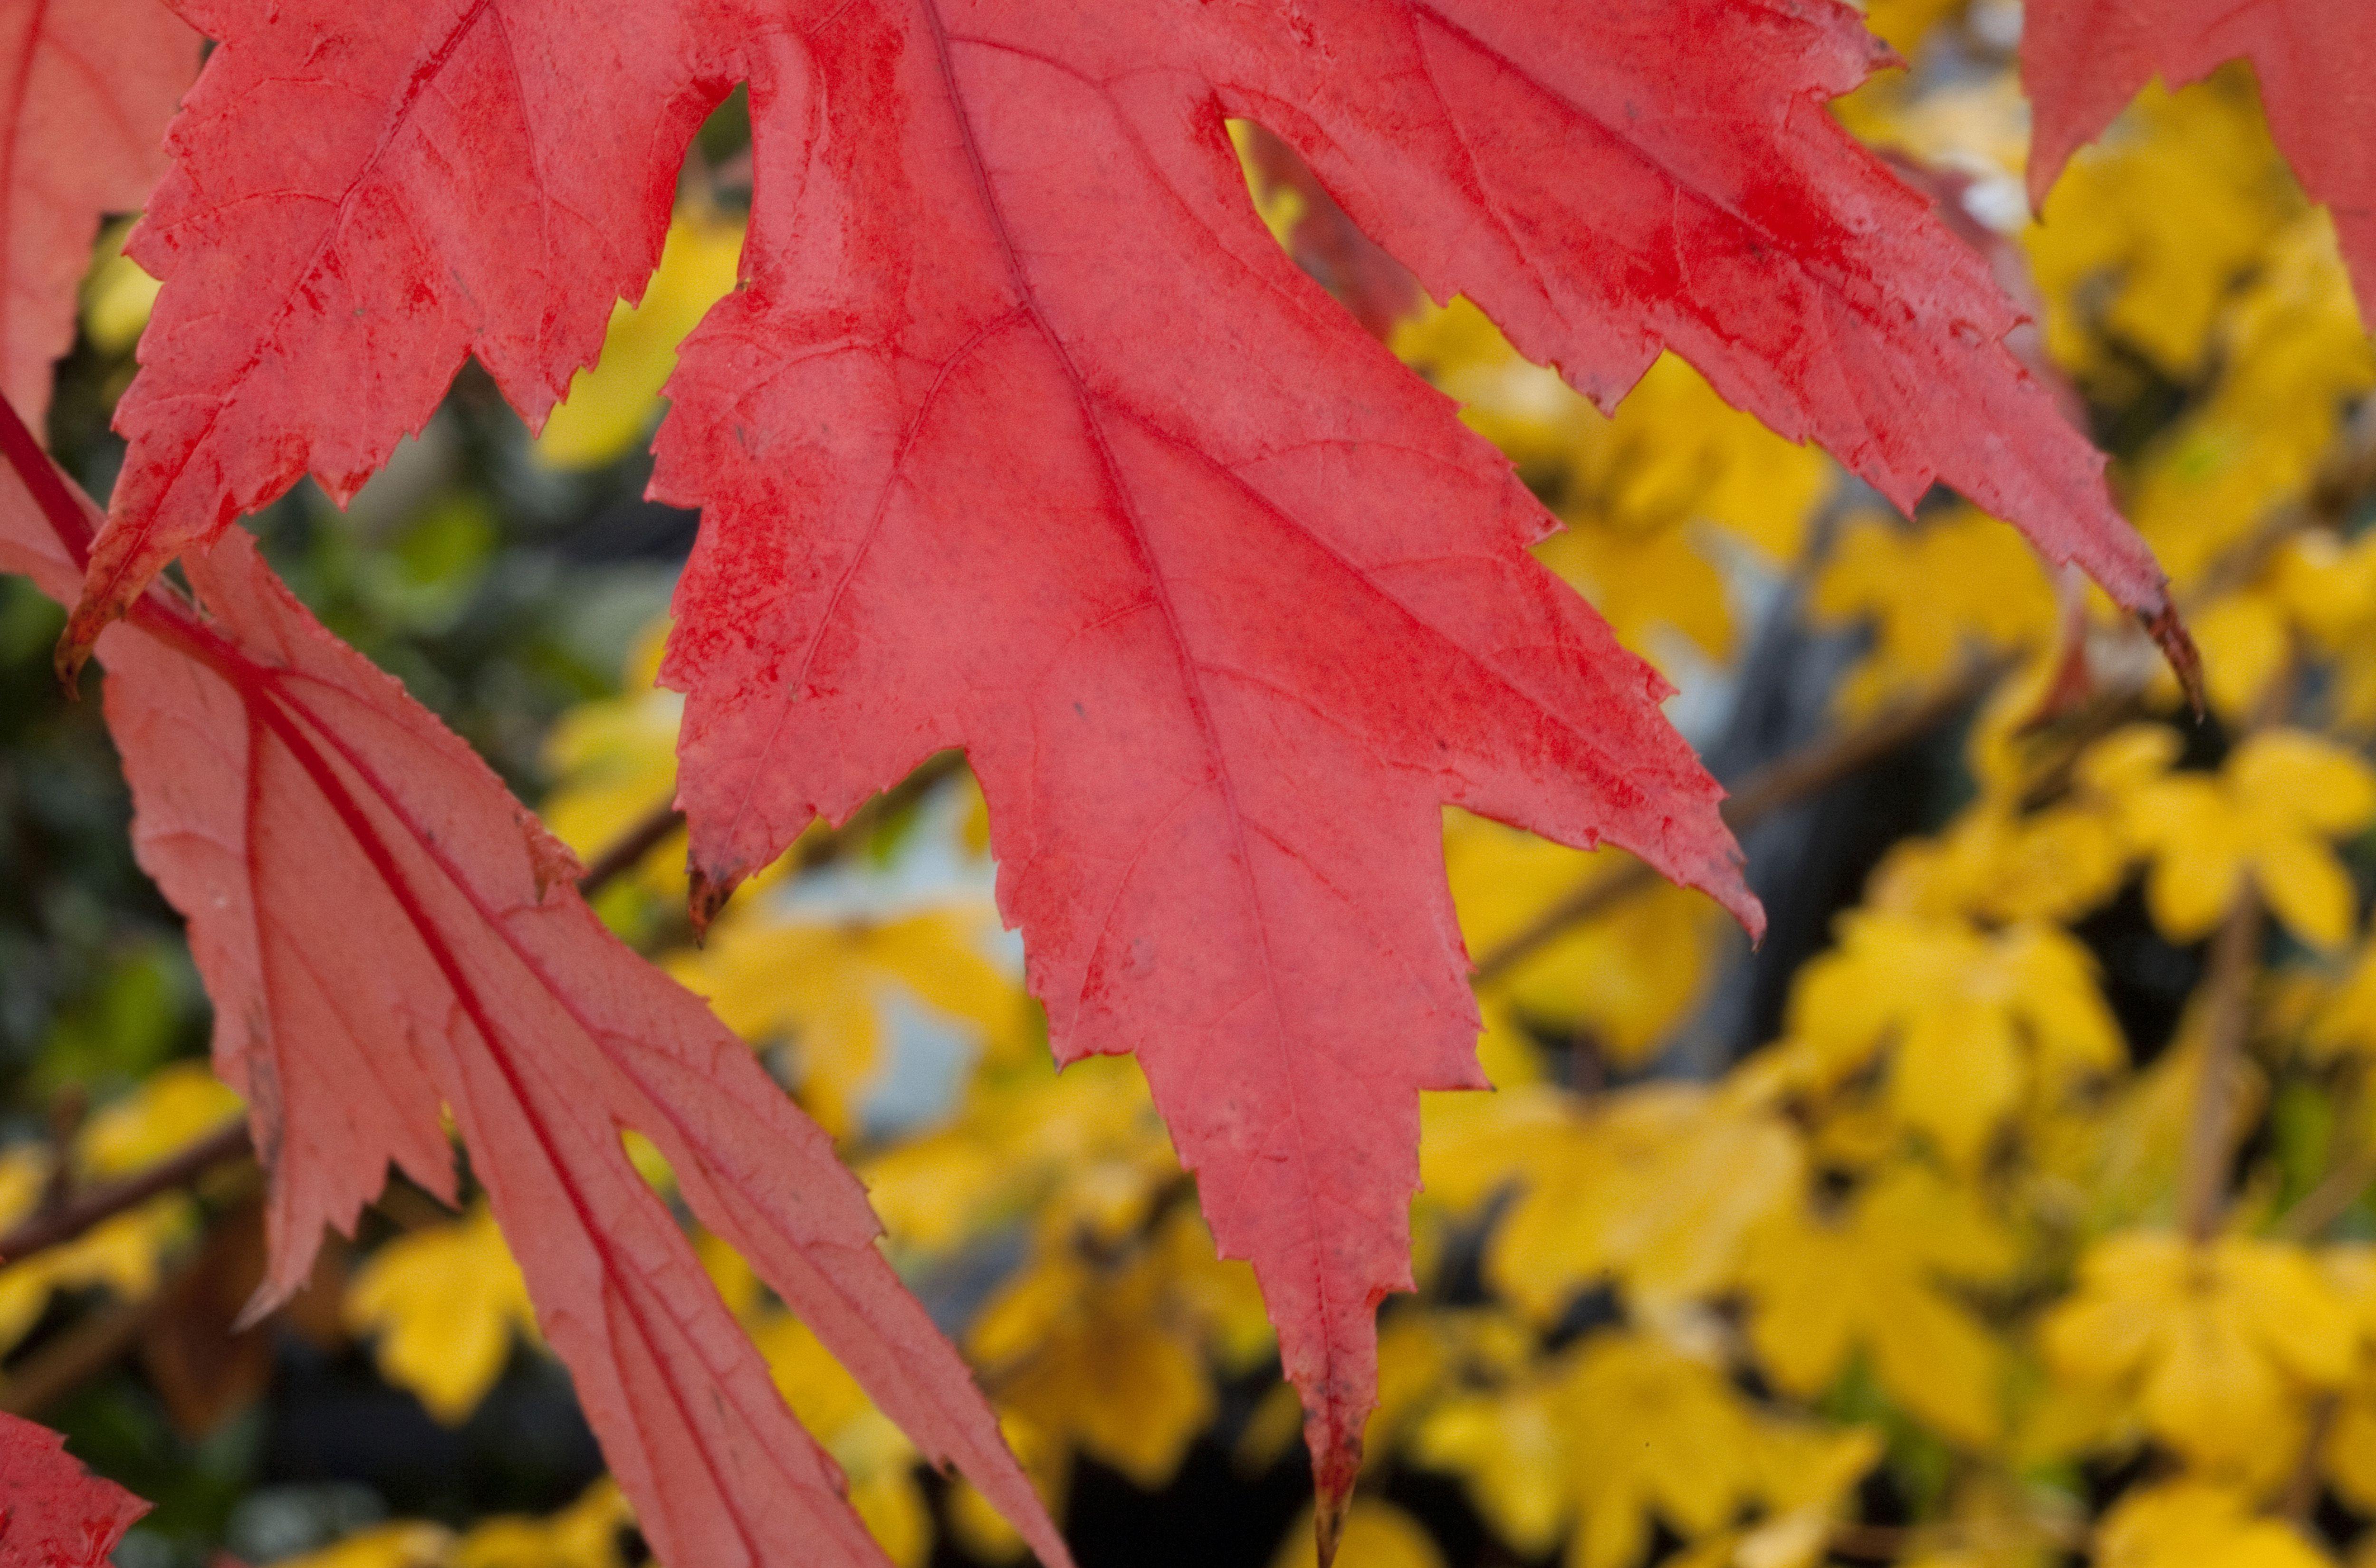 Image of fall foliage color of Autumn Blaze maple tree.